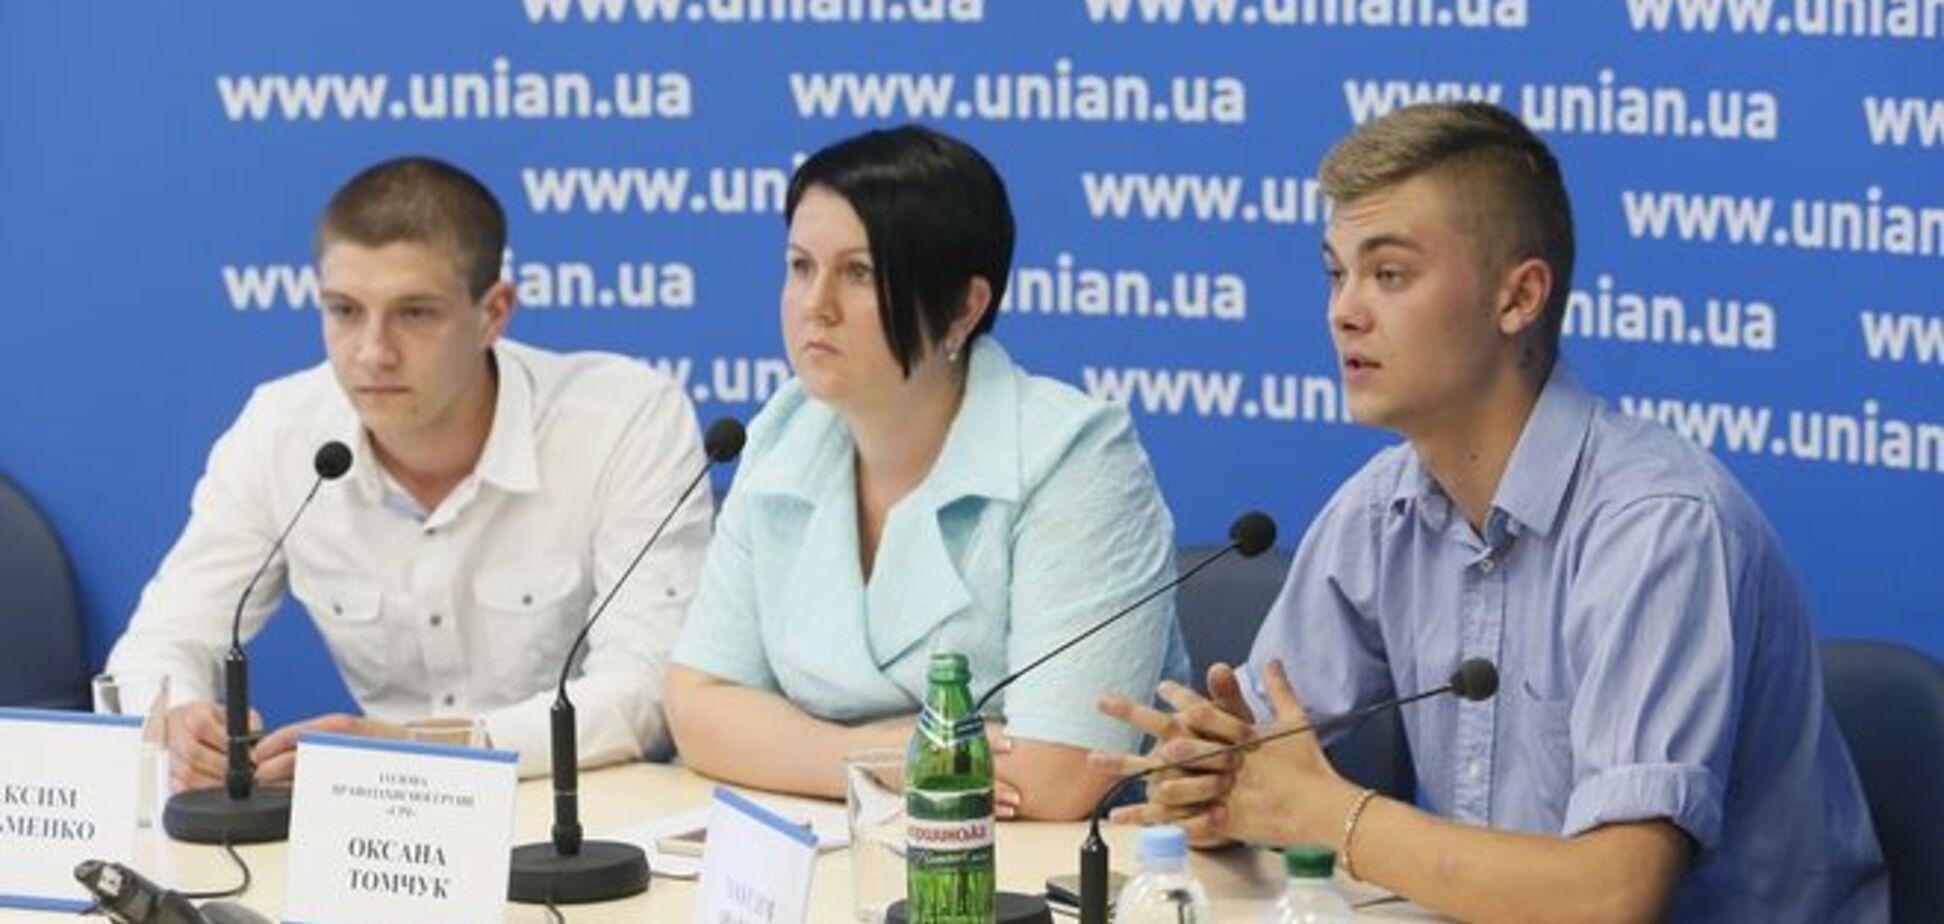 Березенко підкуповував виборців при пособництві головного міліціонера Чернігова